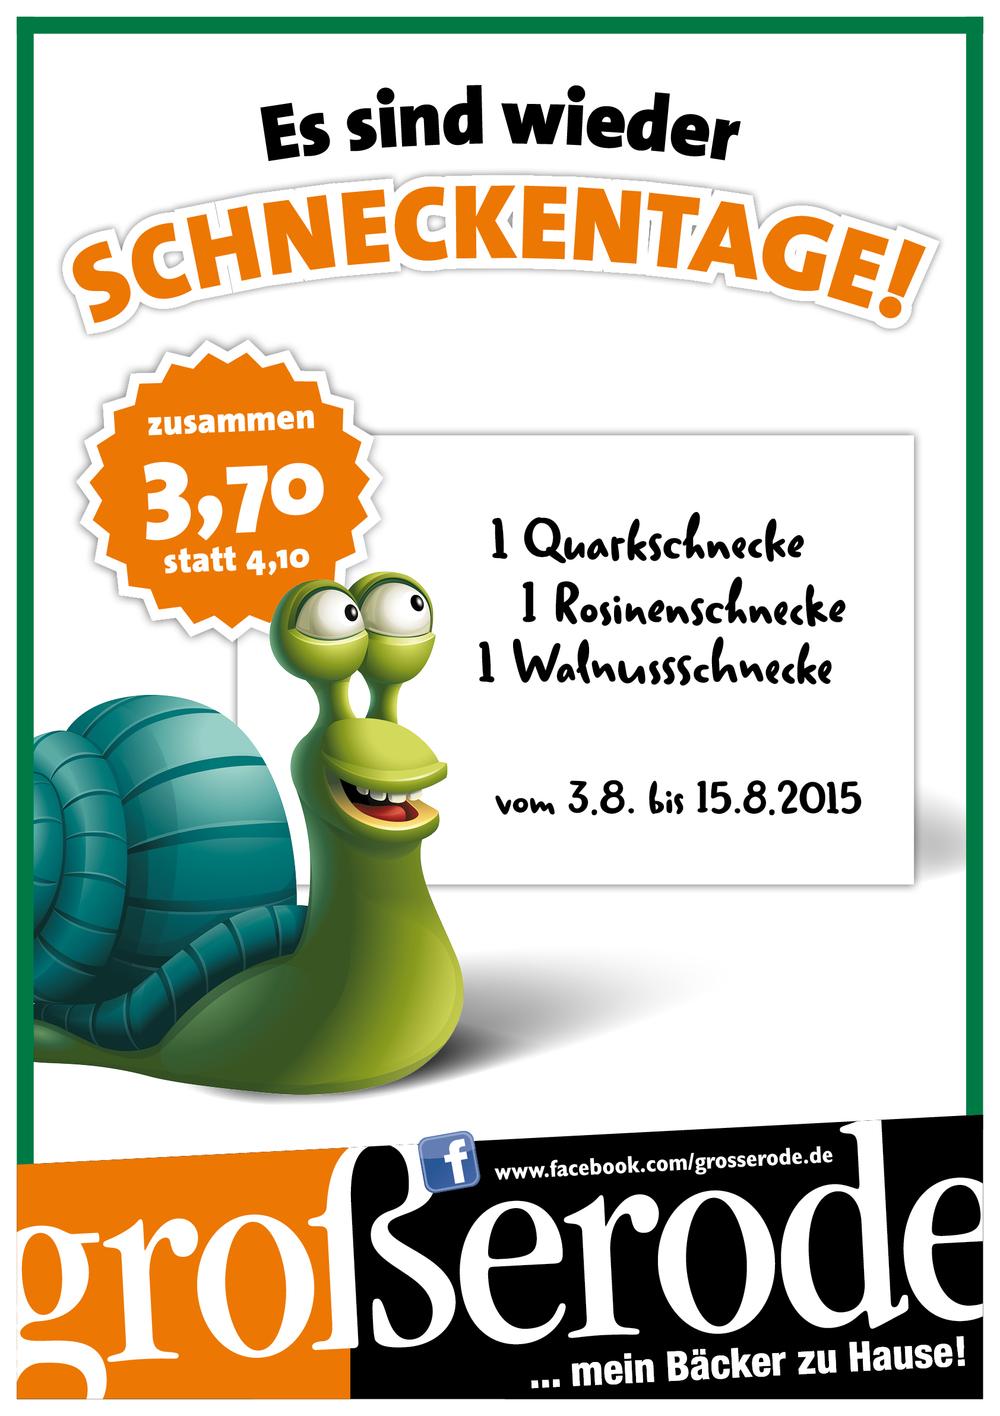 20150615_Grosserode_Schneckentage_Web_Teil2.jpg